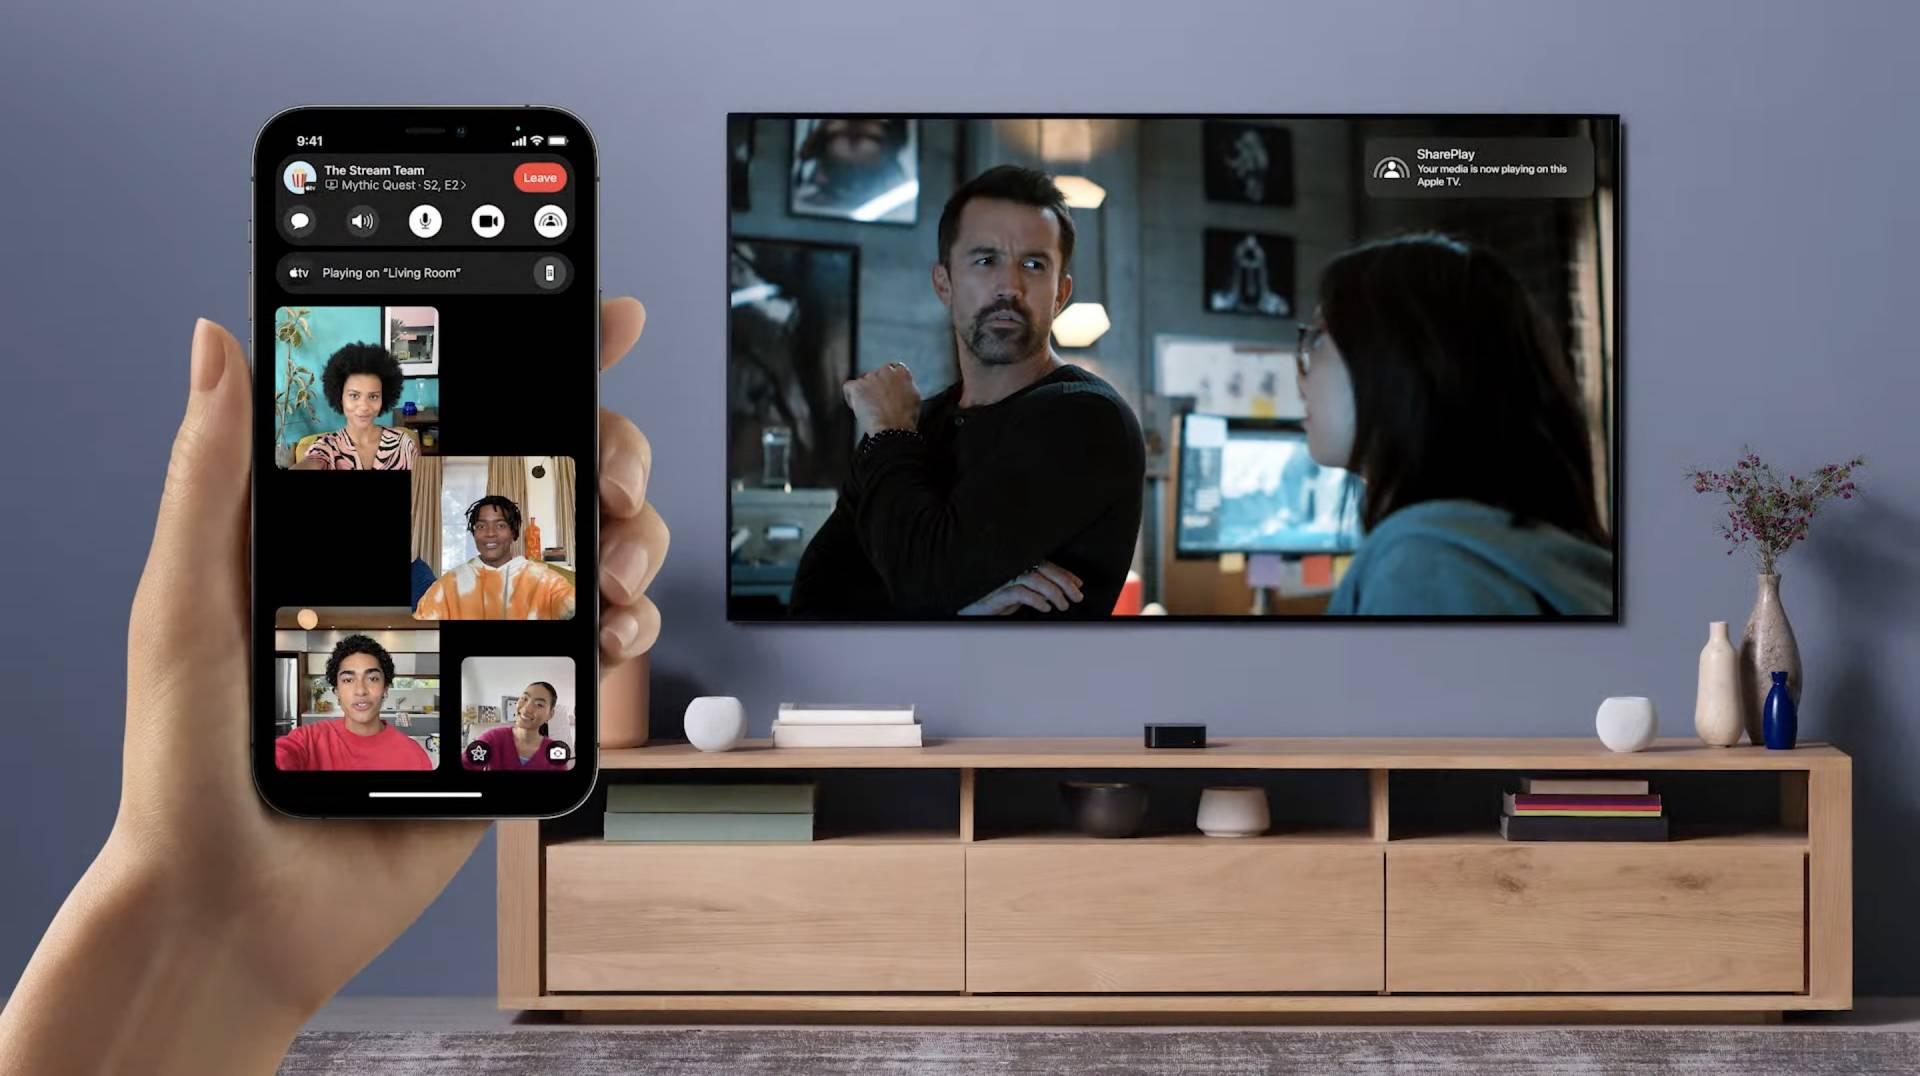 Shareplay - sleduj s cez Facetime obľúbené filmy a seriály spolu s kamarátmi - WWDC 2021